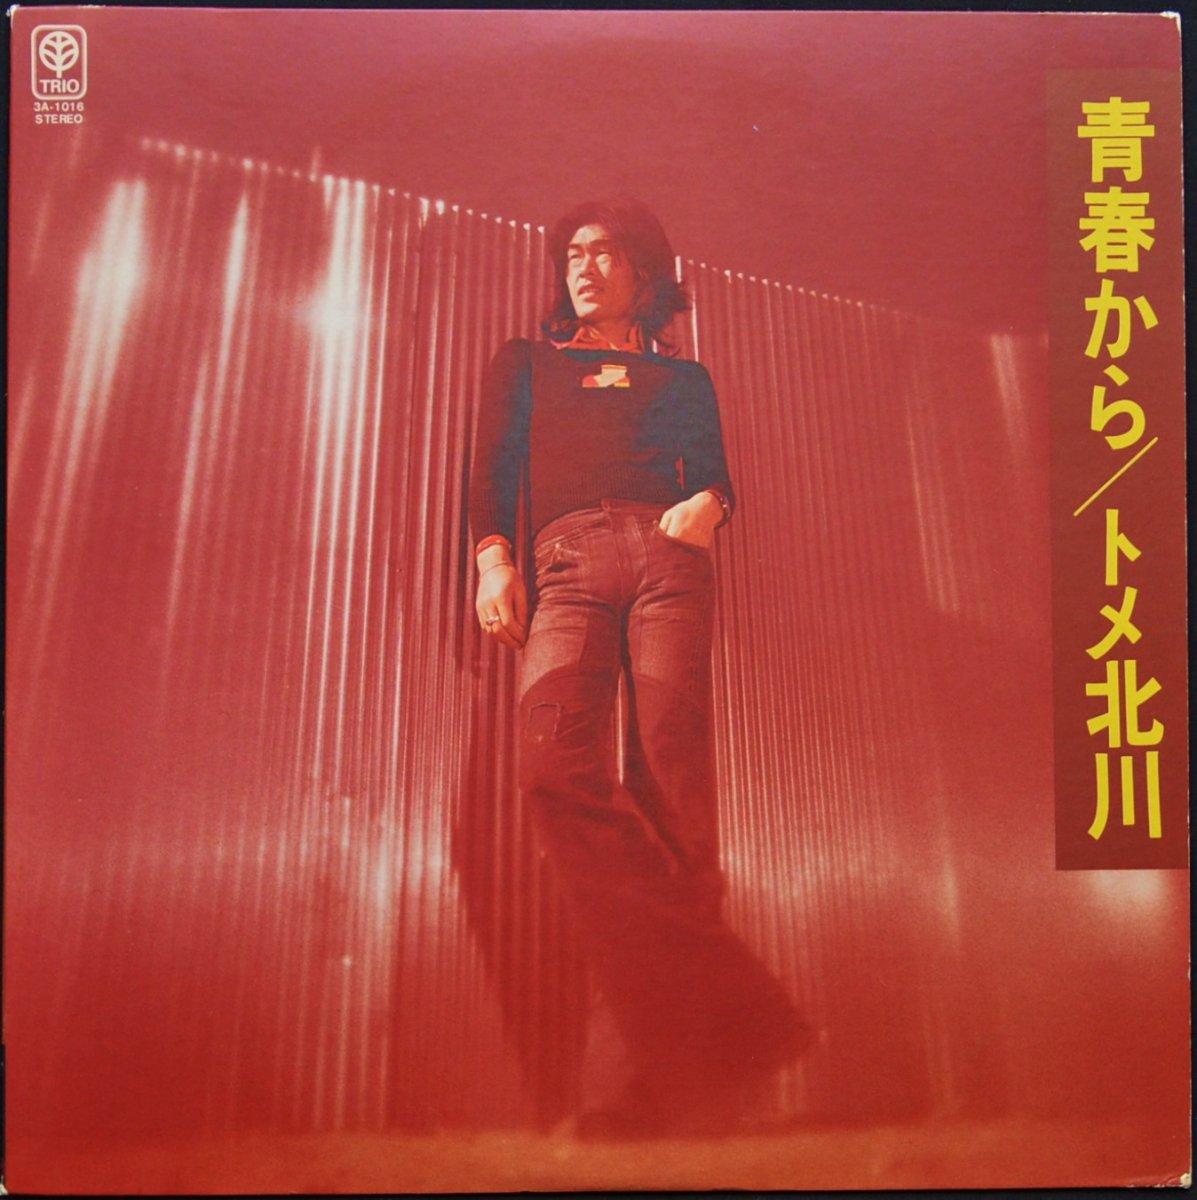 トメ北川 / 青春から (LP)